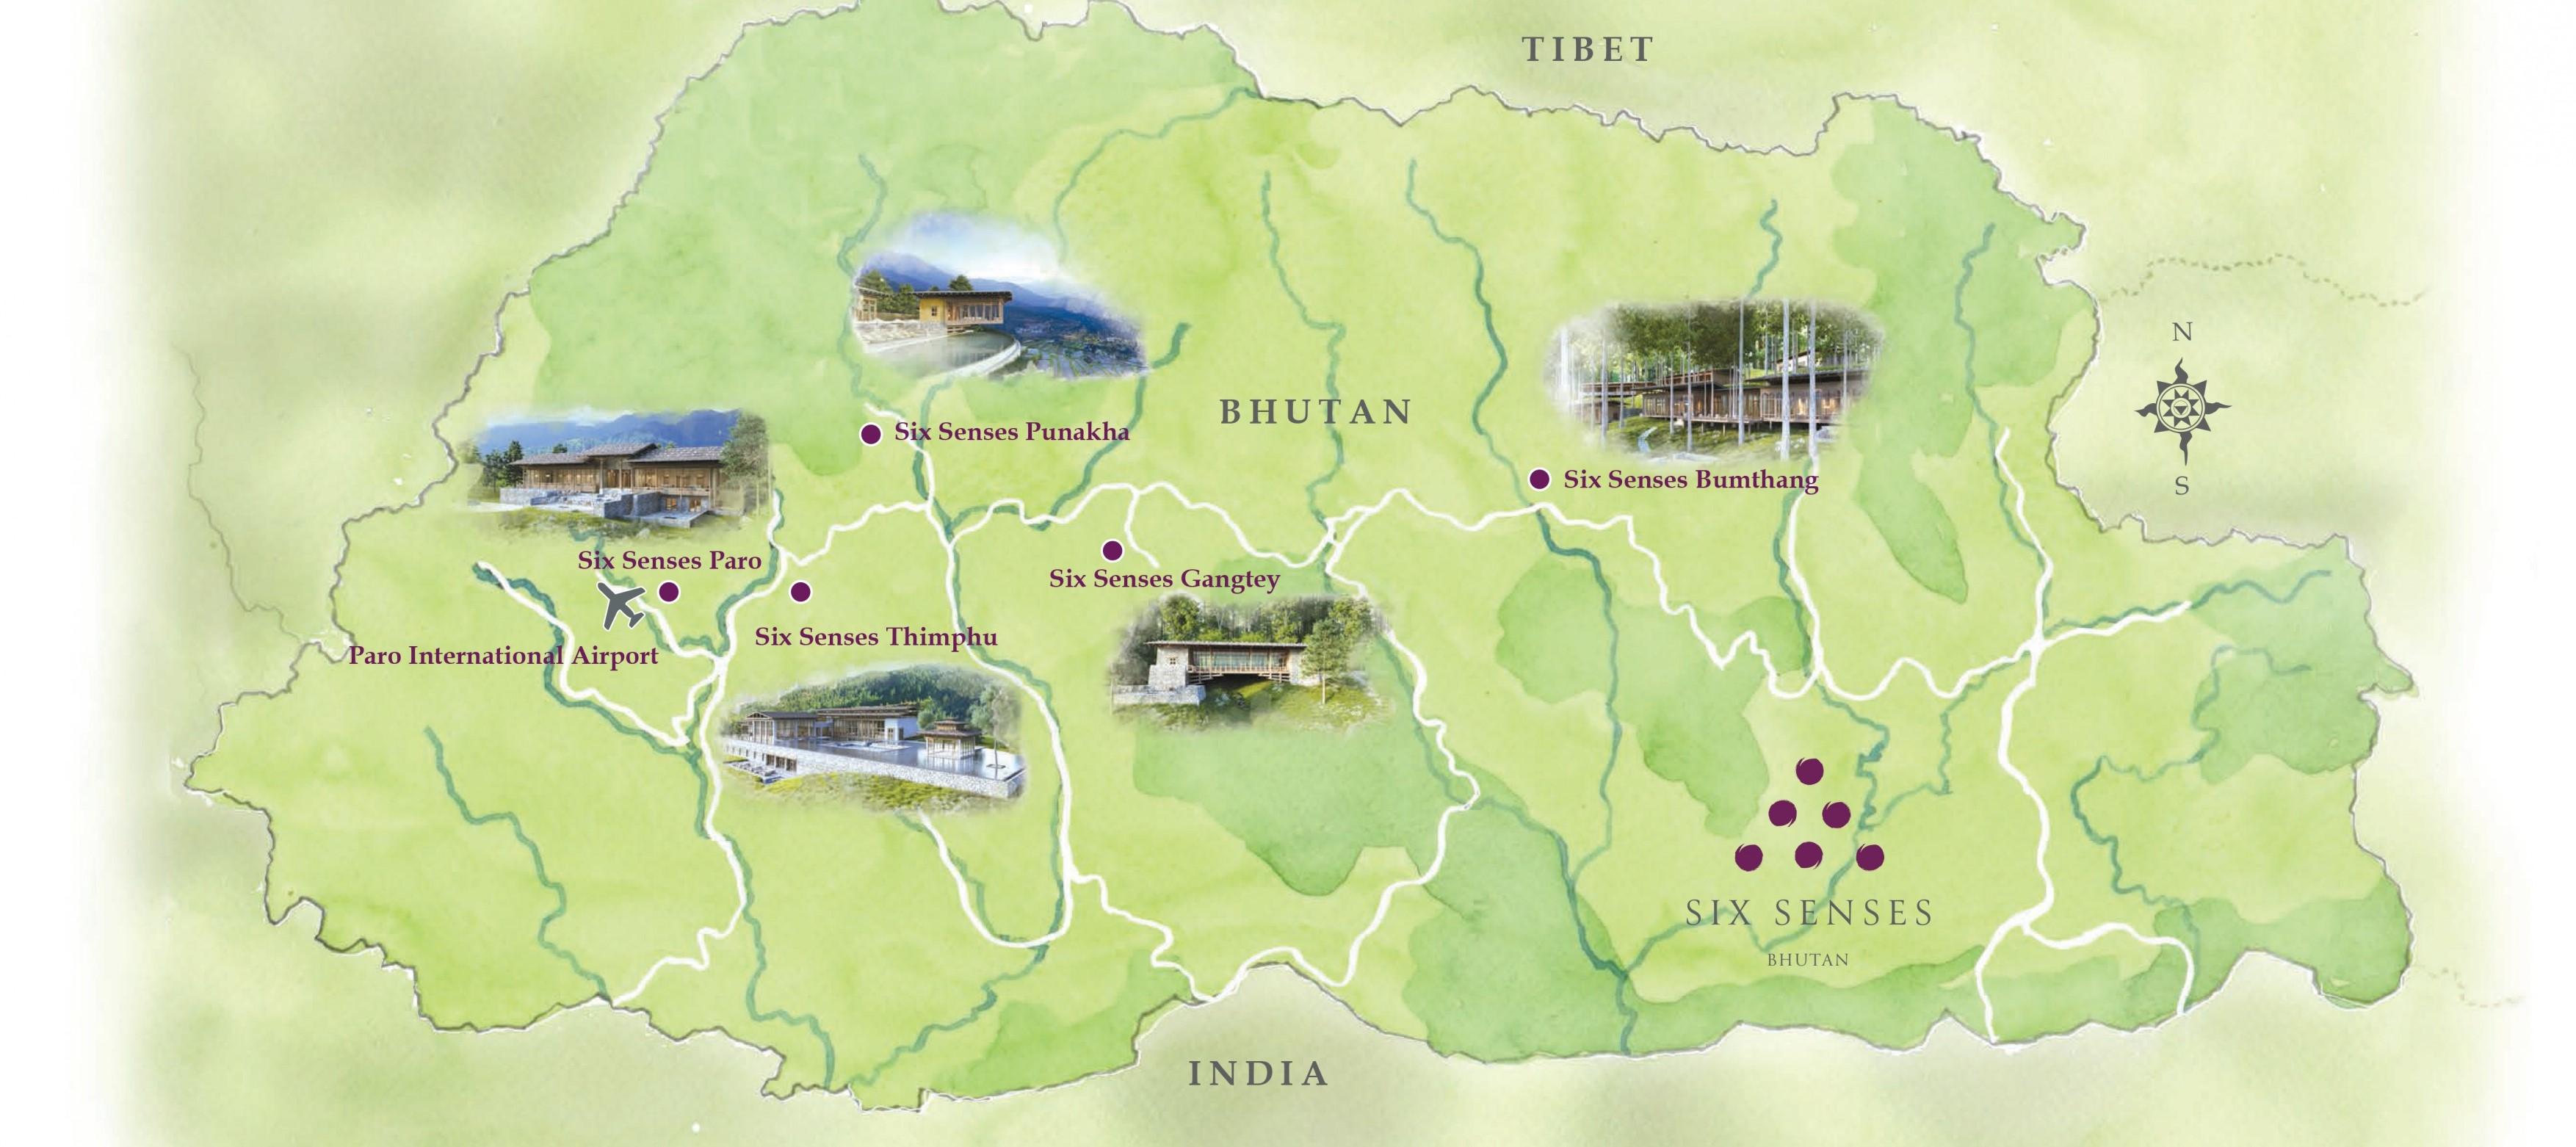 Six-Senses-Bhutan-Map